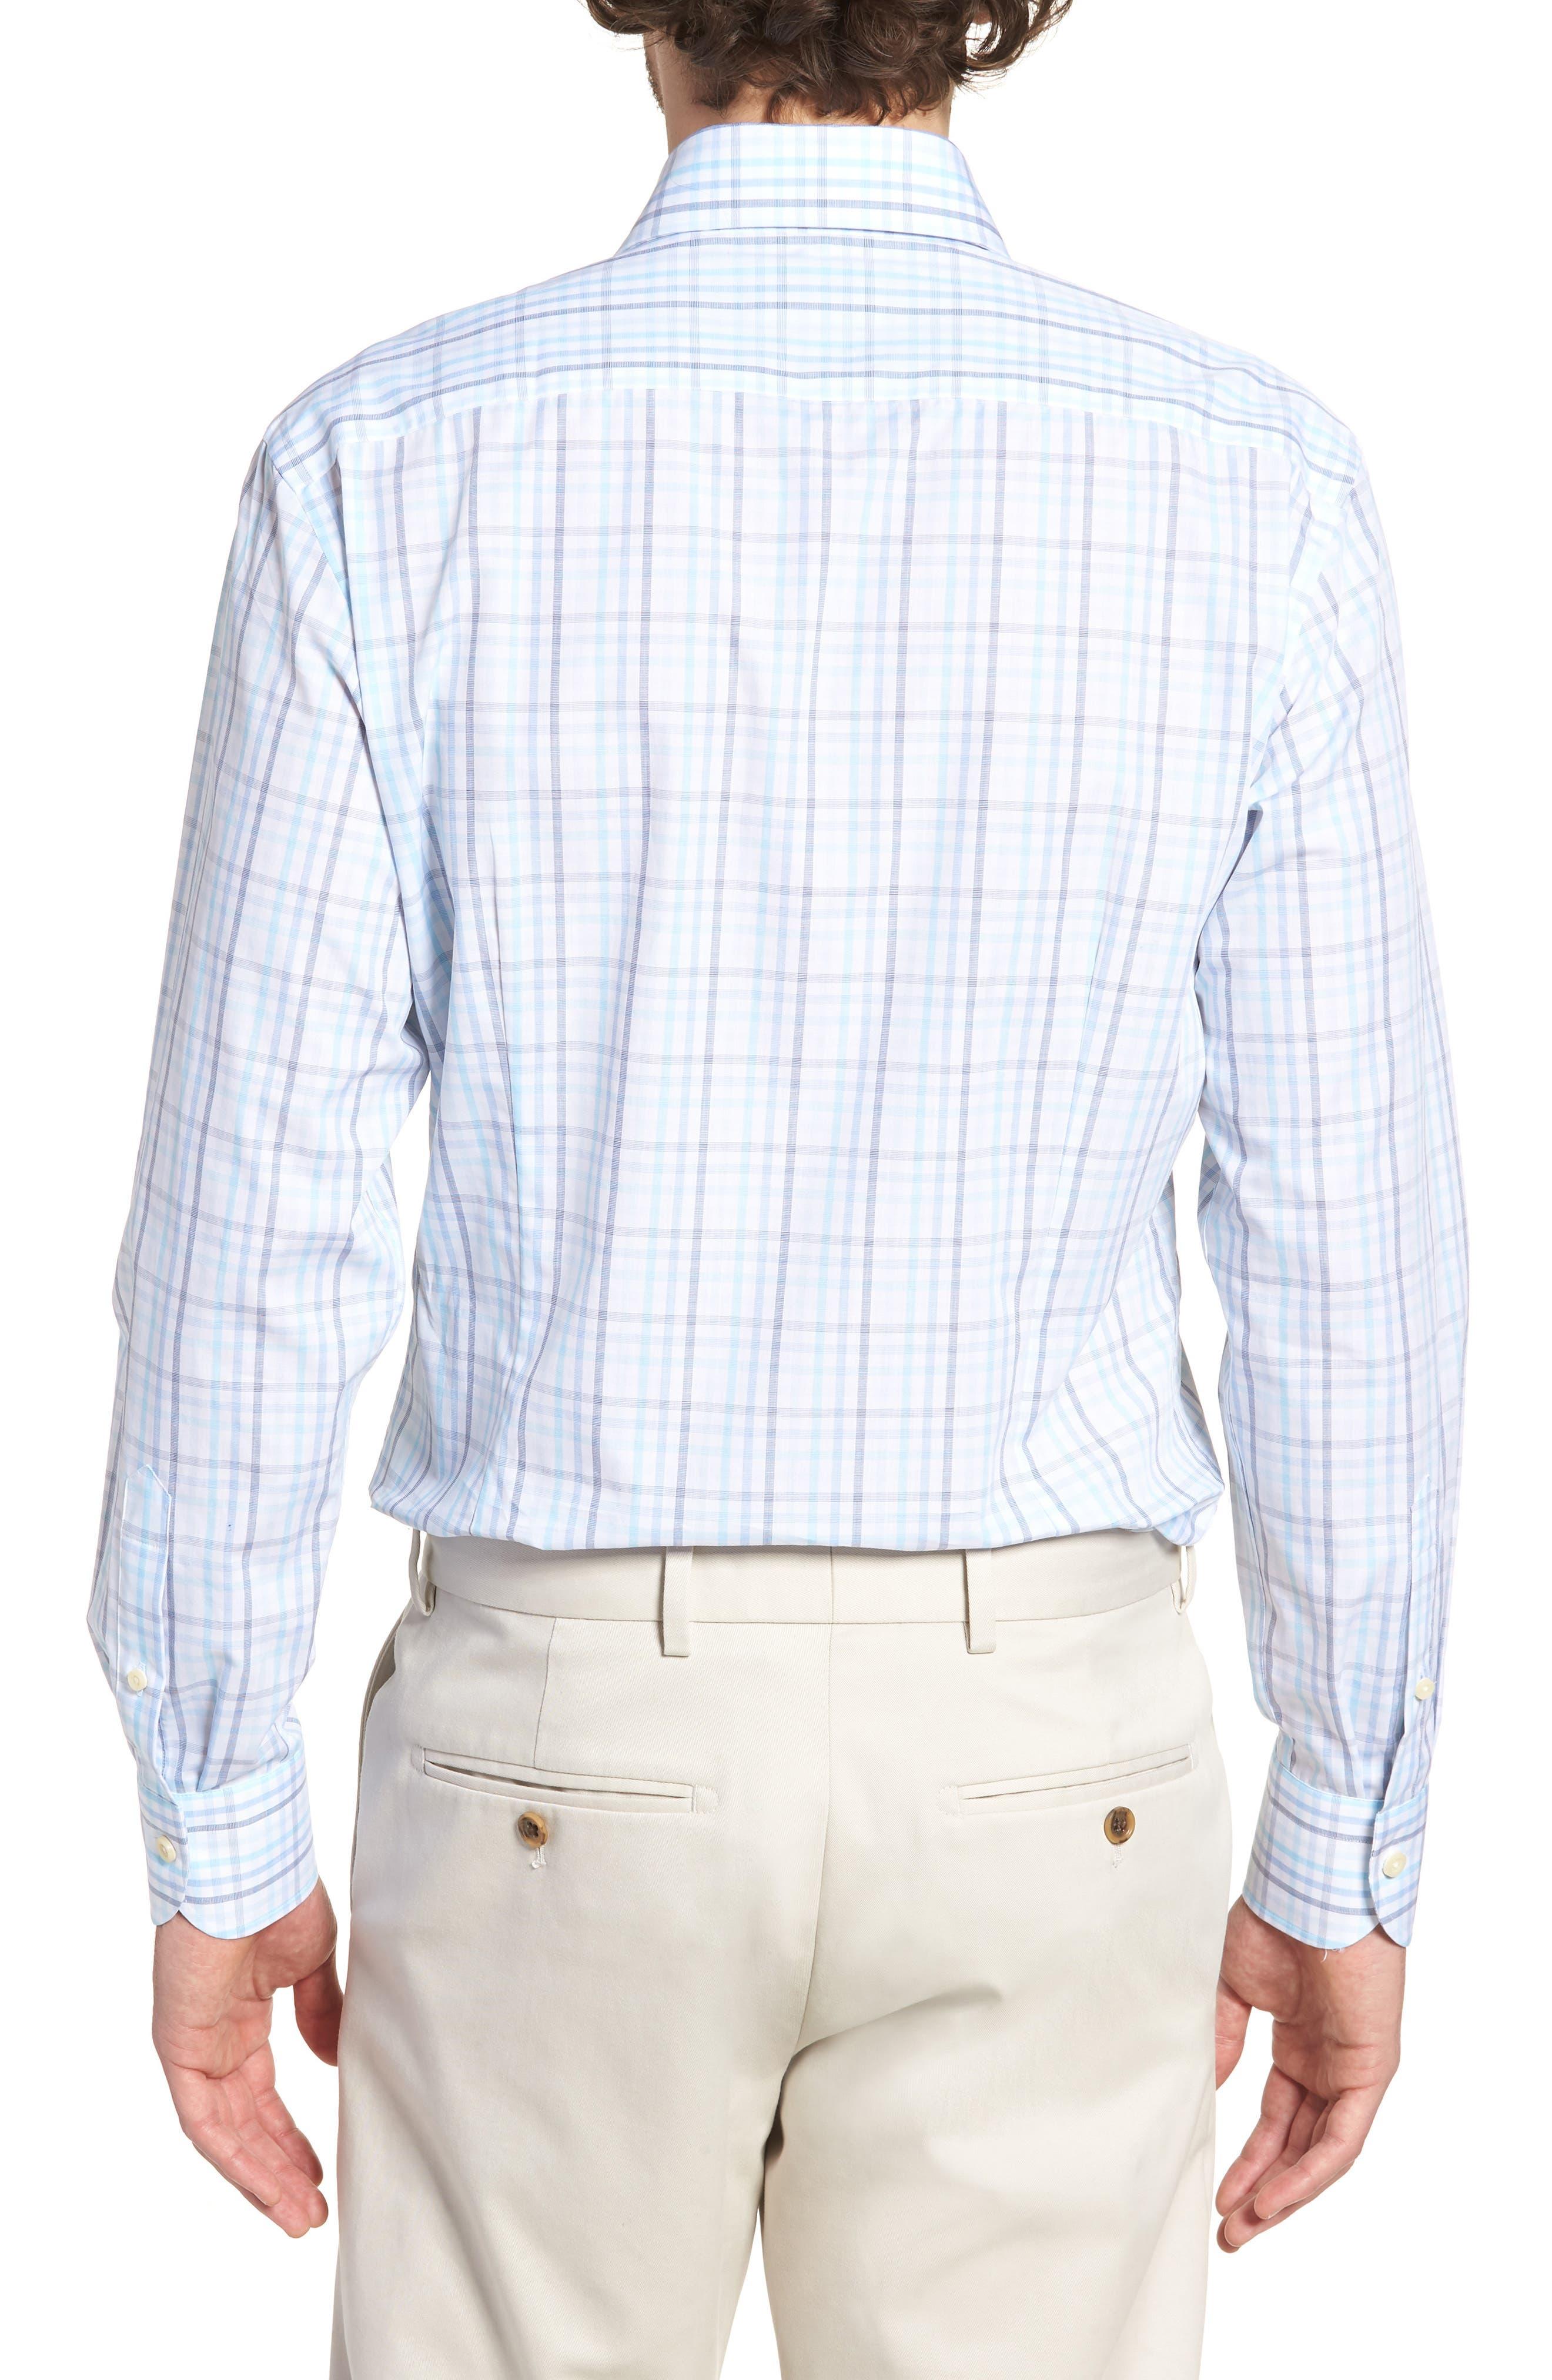 Pelton Slim Fit Check Dress Shirt,                             Alternate thumbnail 3, color,                             Turquoise/ Aqua